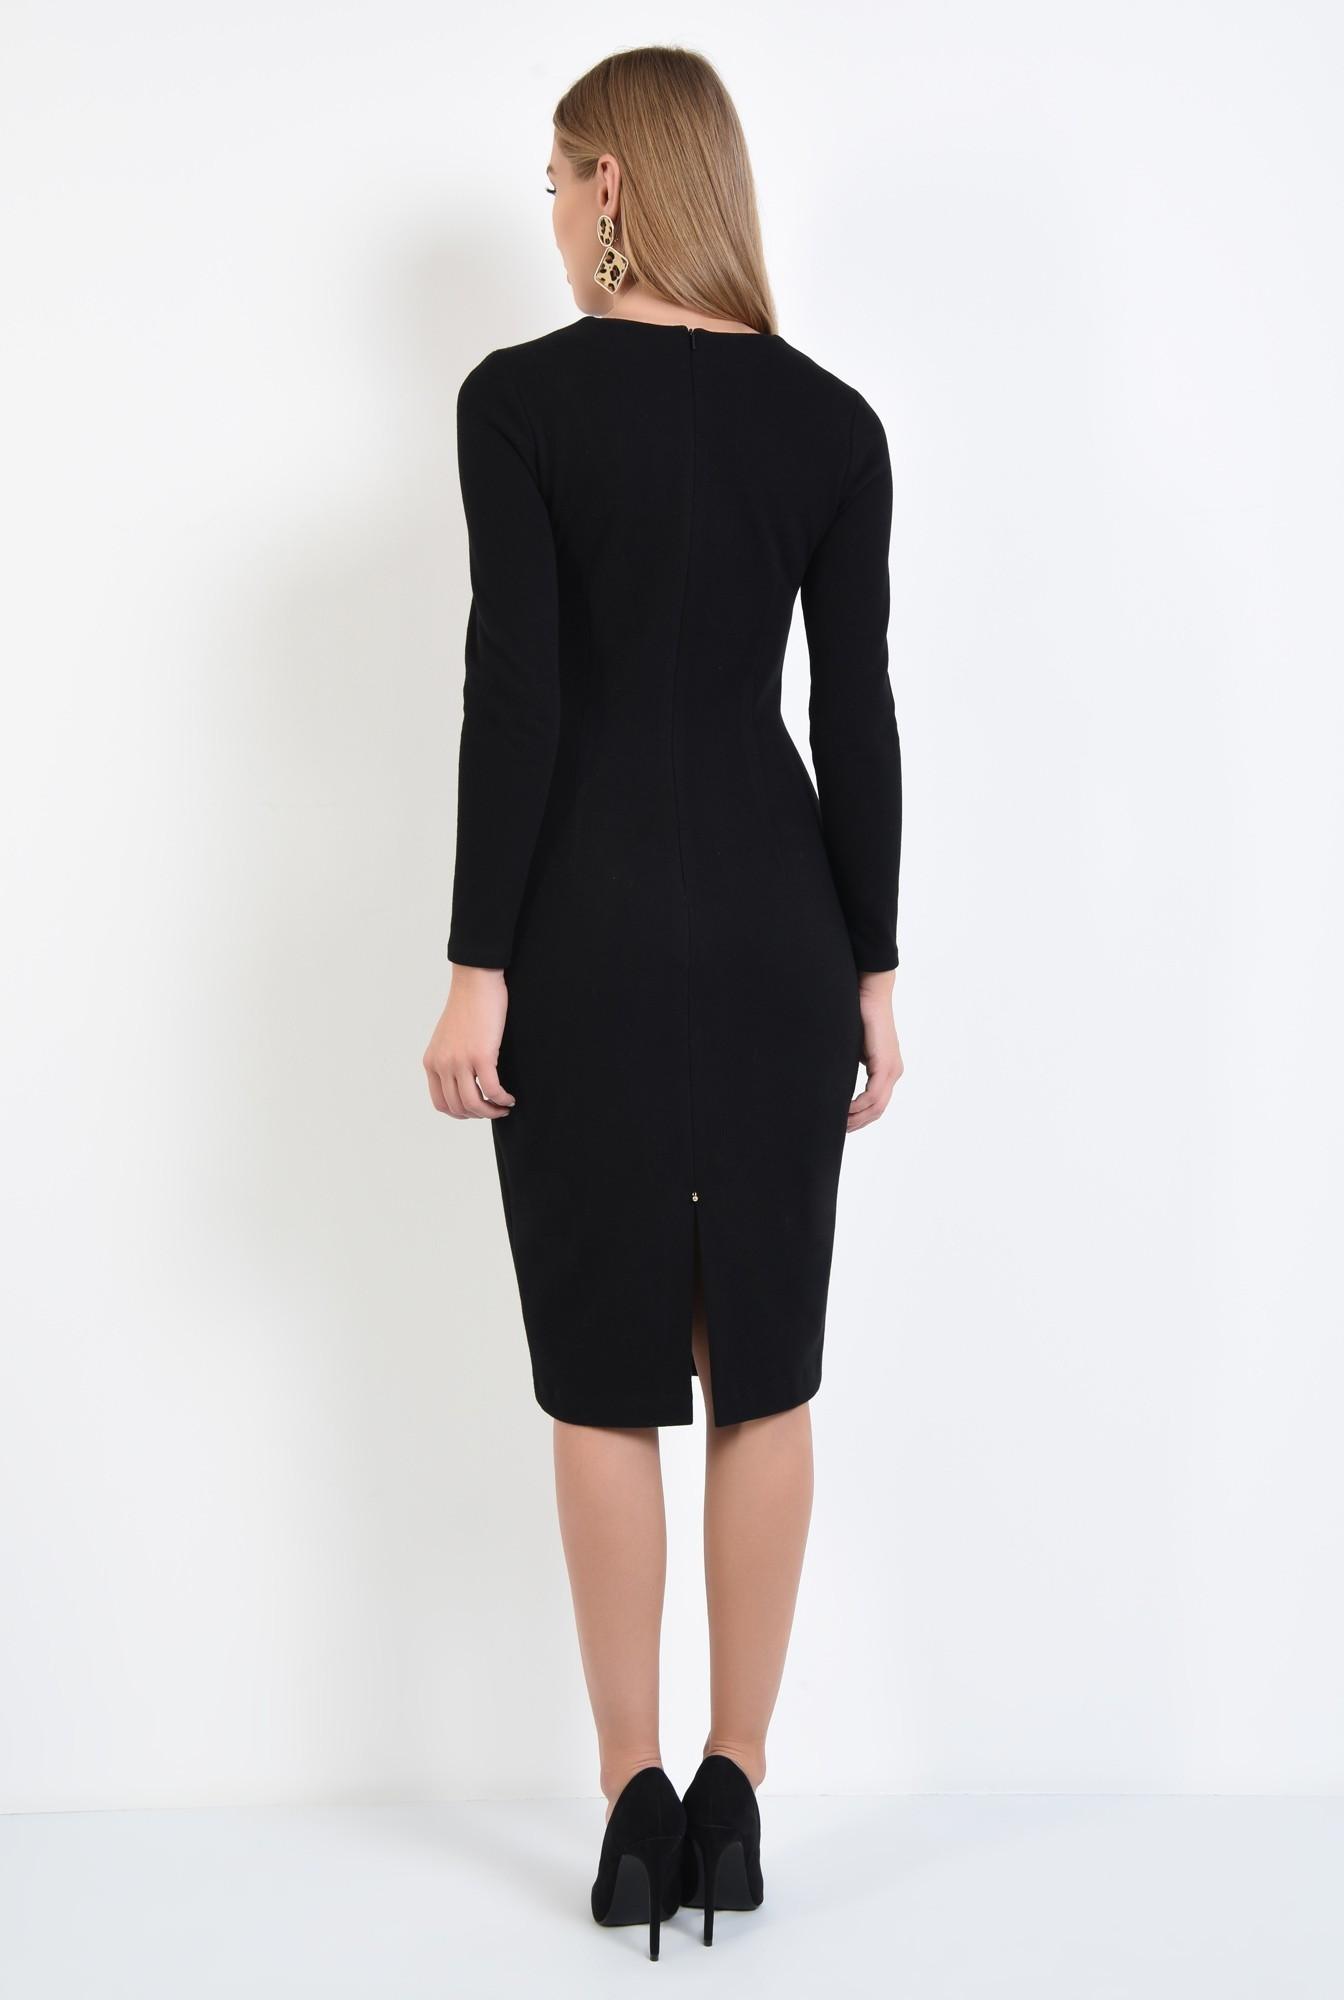 1 - 360 - rochie neagra, cambrata, casual, tricotata, rochii online